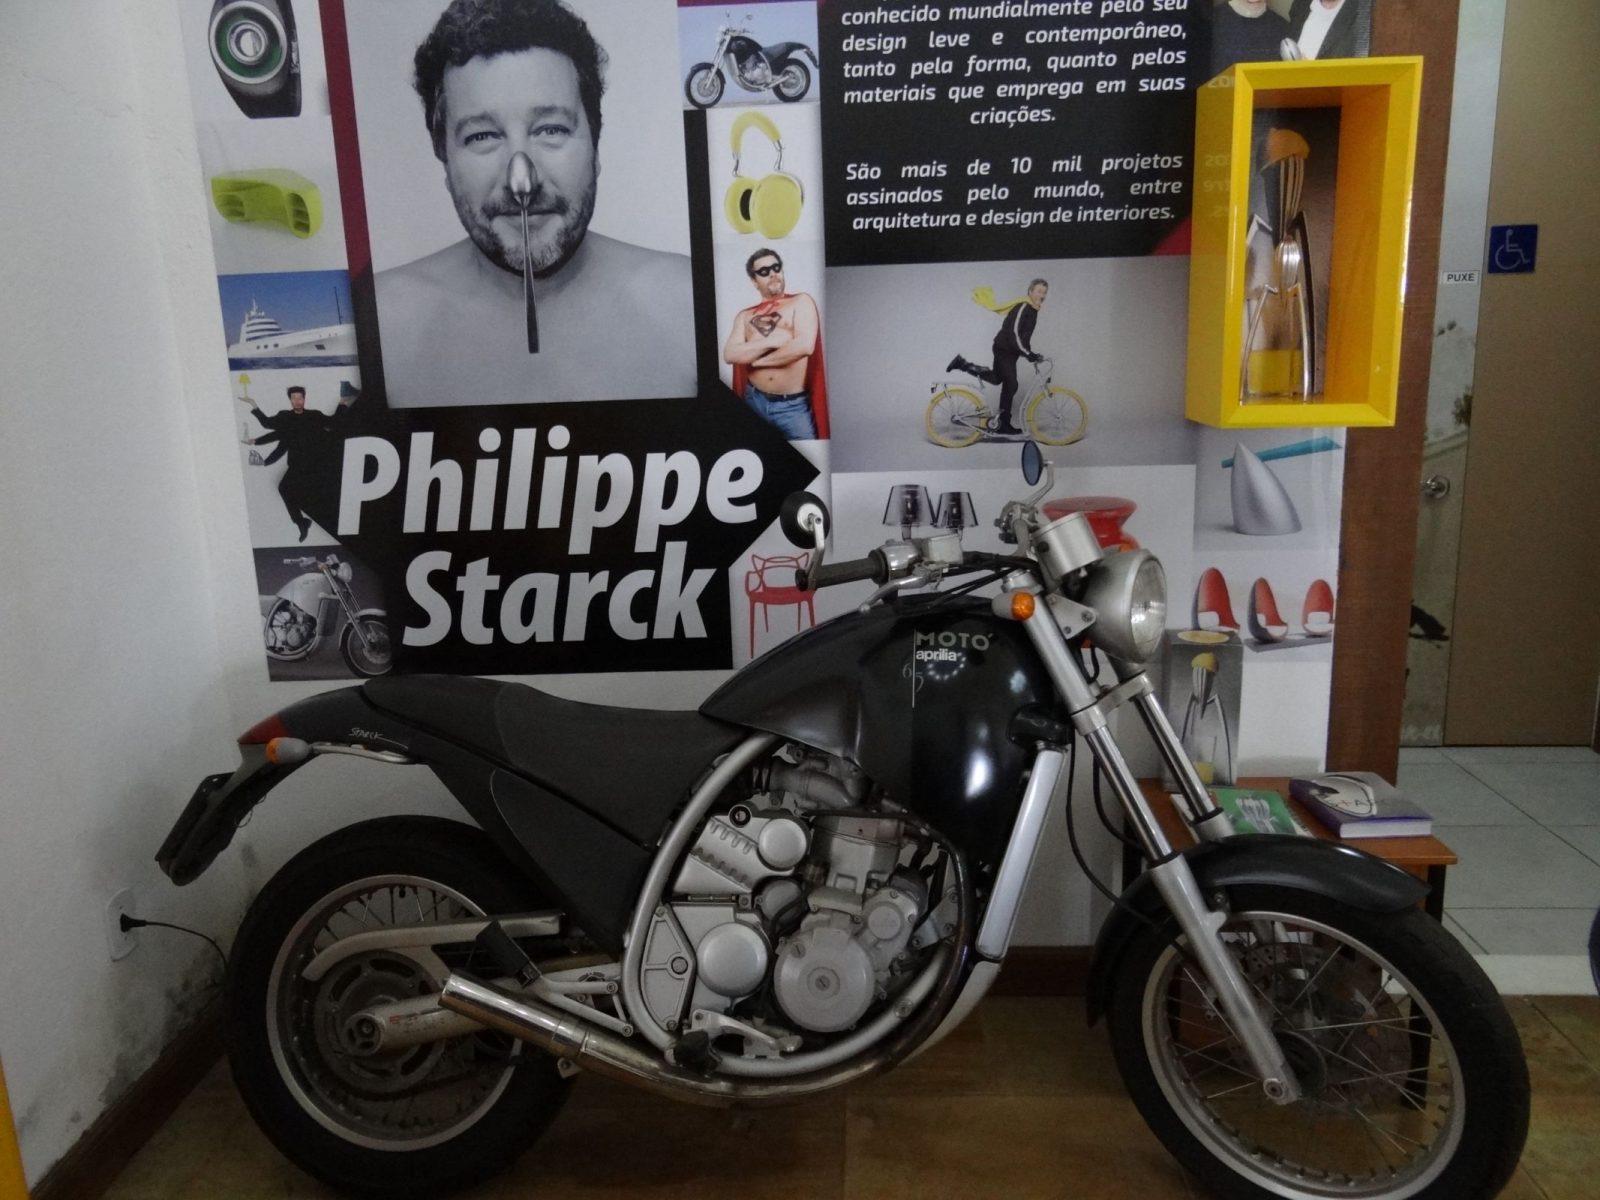 aprilia moto 650 desenhada pelo badalado arquiteto philippe starck e vencedor de diversos premios de design